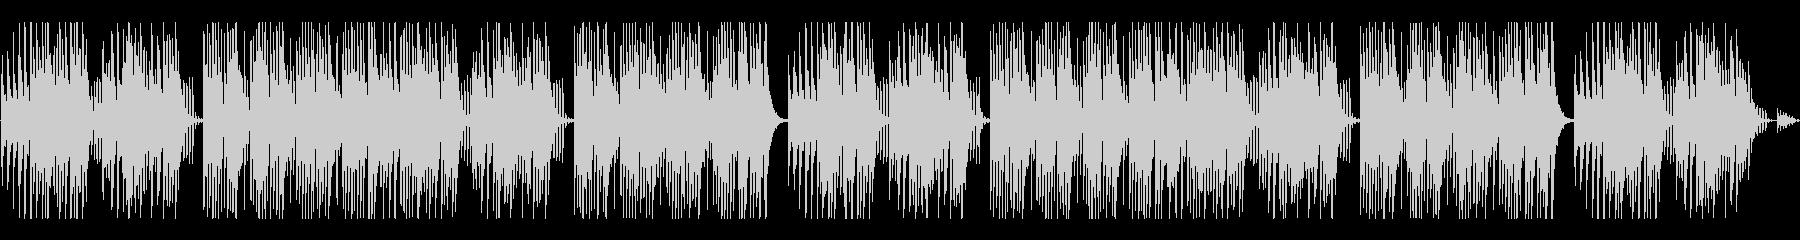 キュートでほのぼのした楽曲B:編集2の未再生の波形